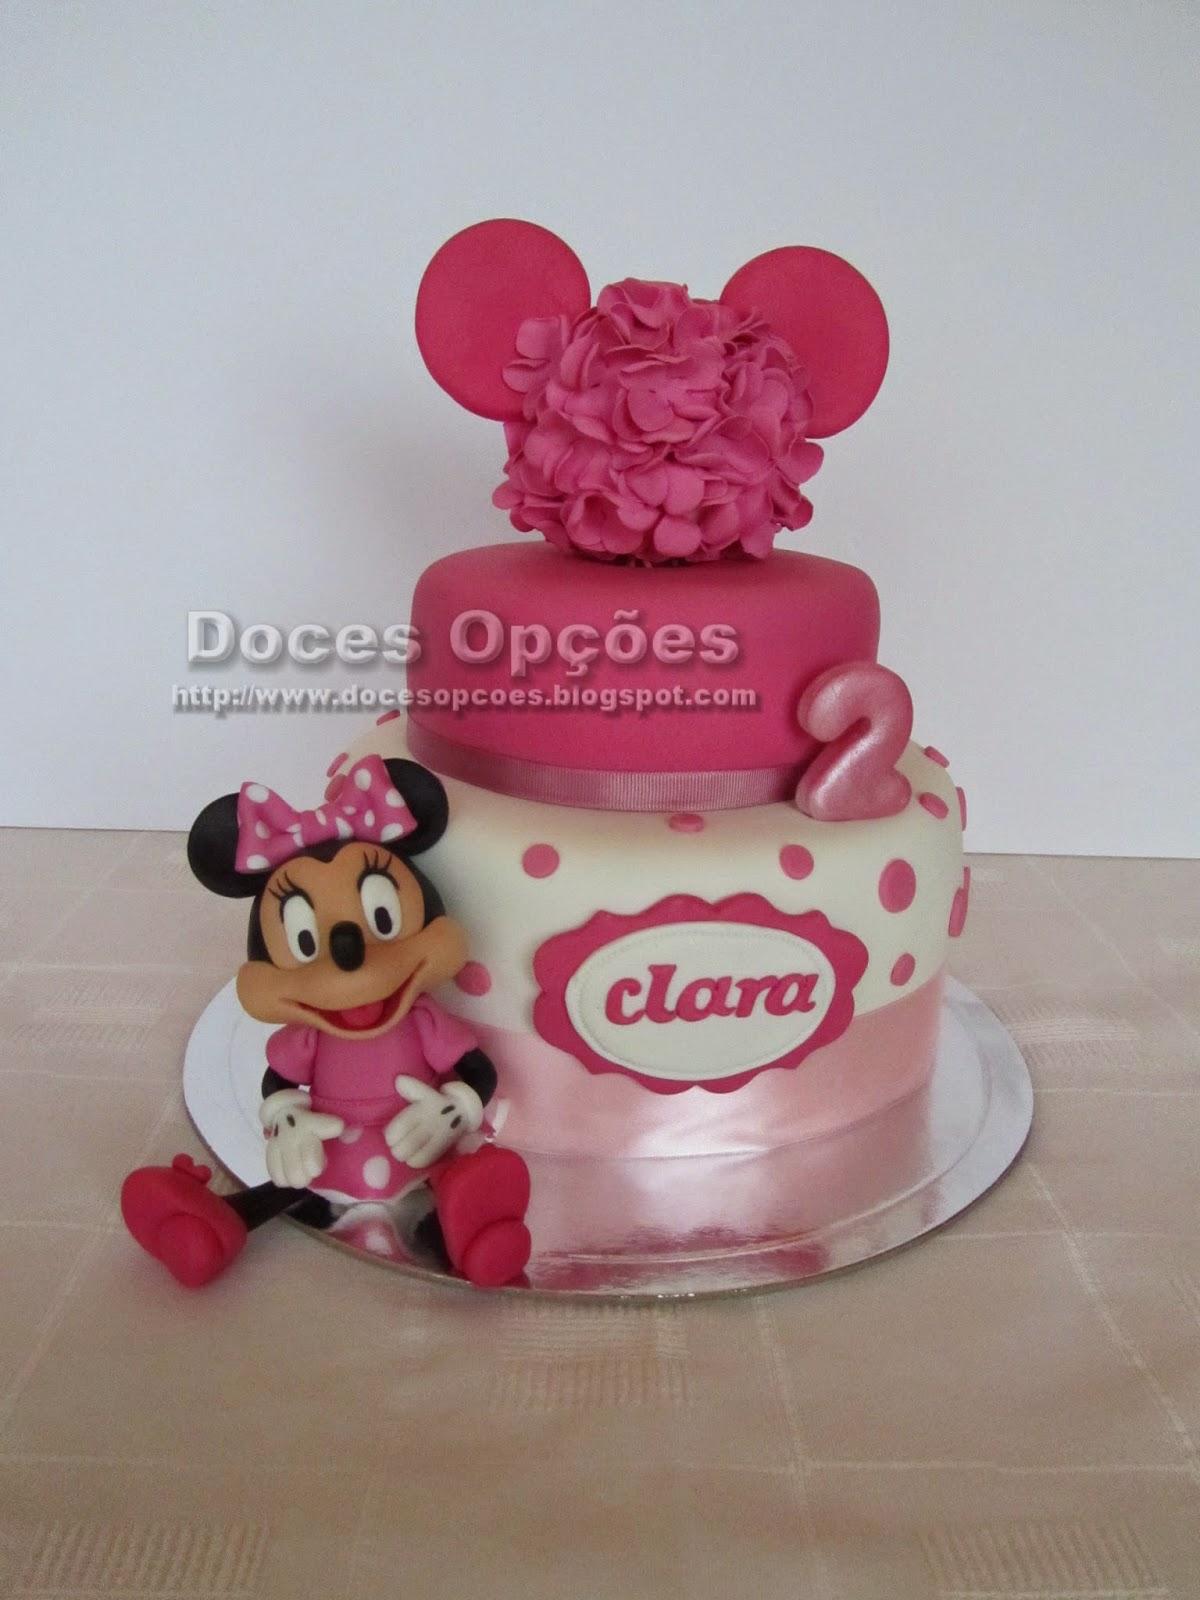 Bolo como a Minnie para o 2º aniversário da Clara